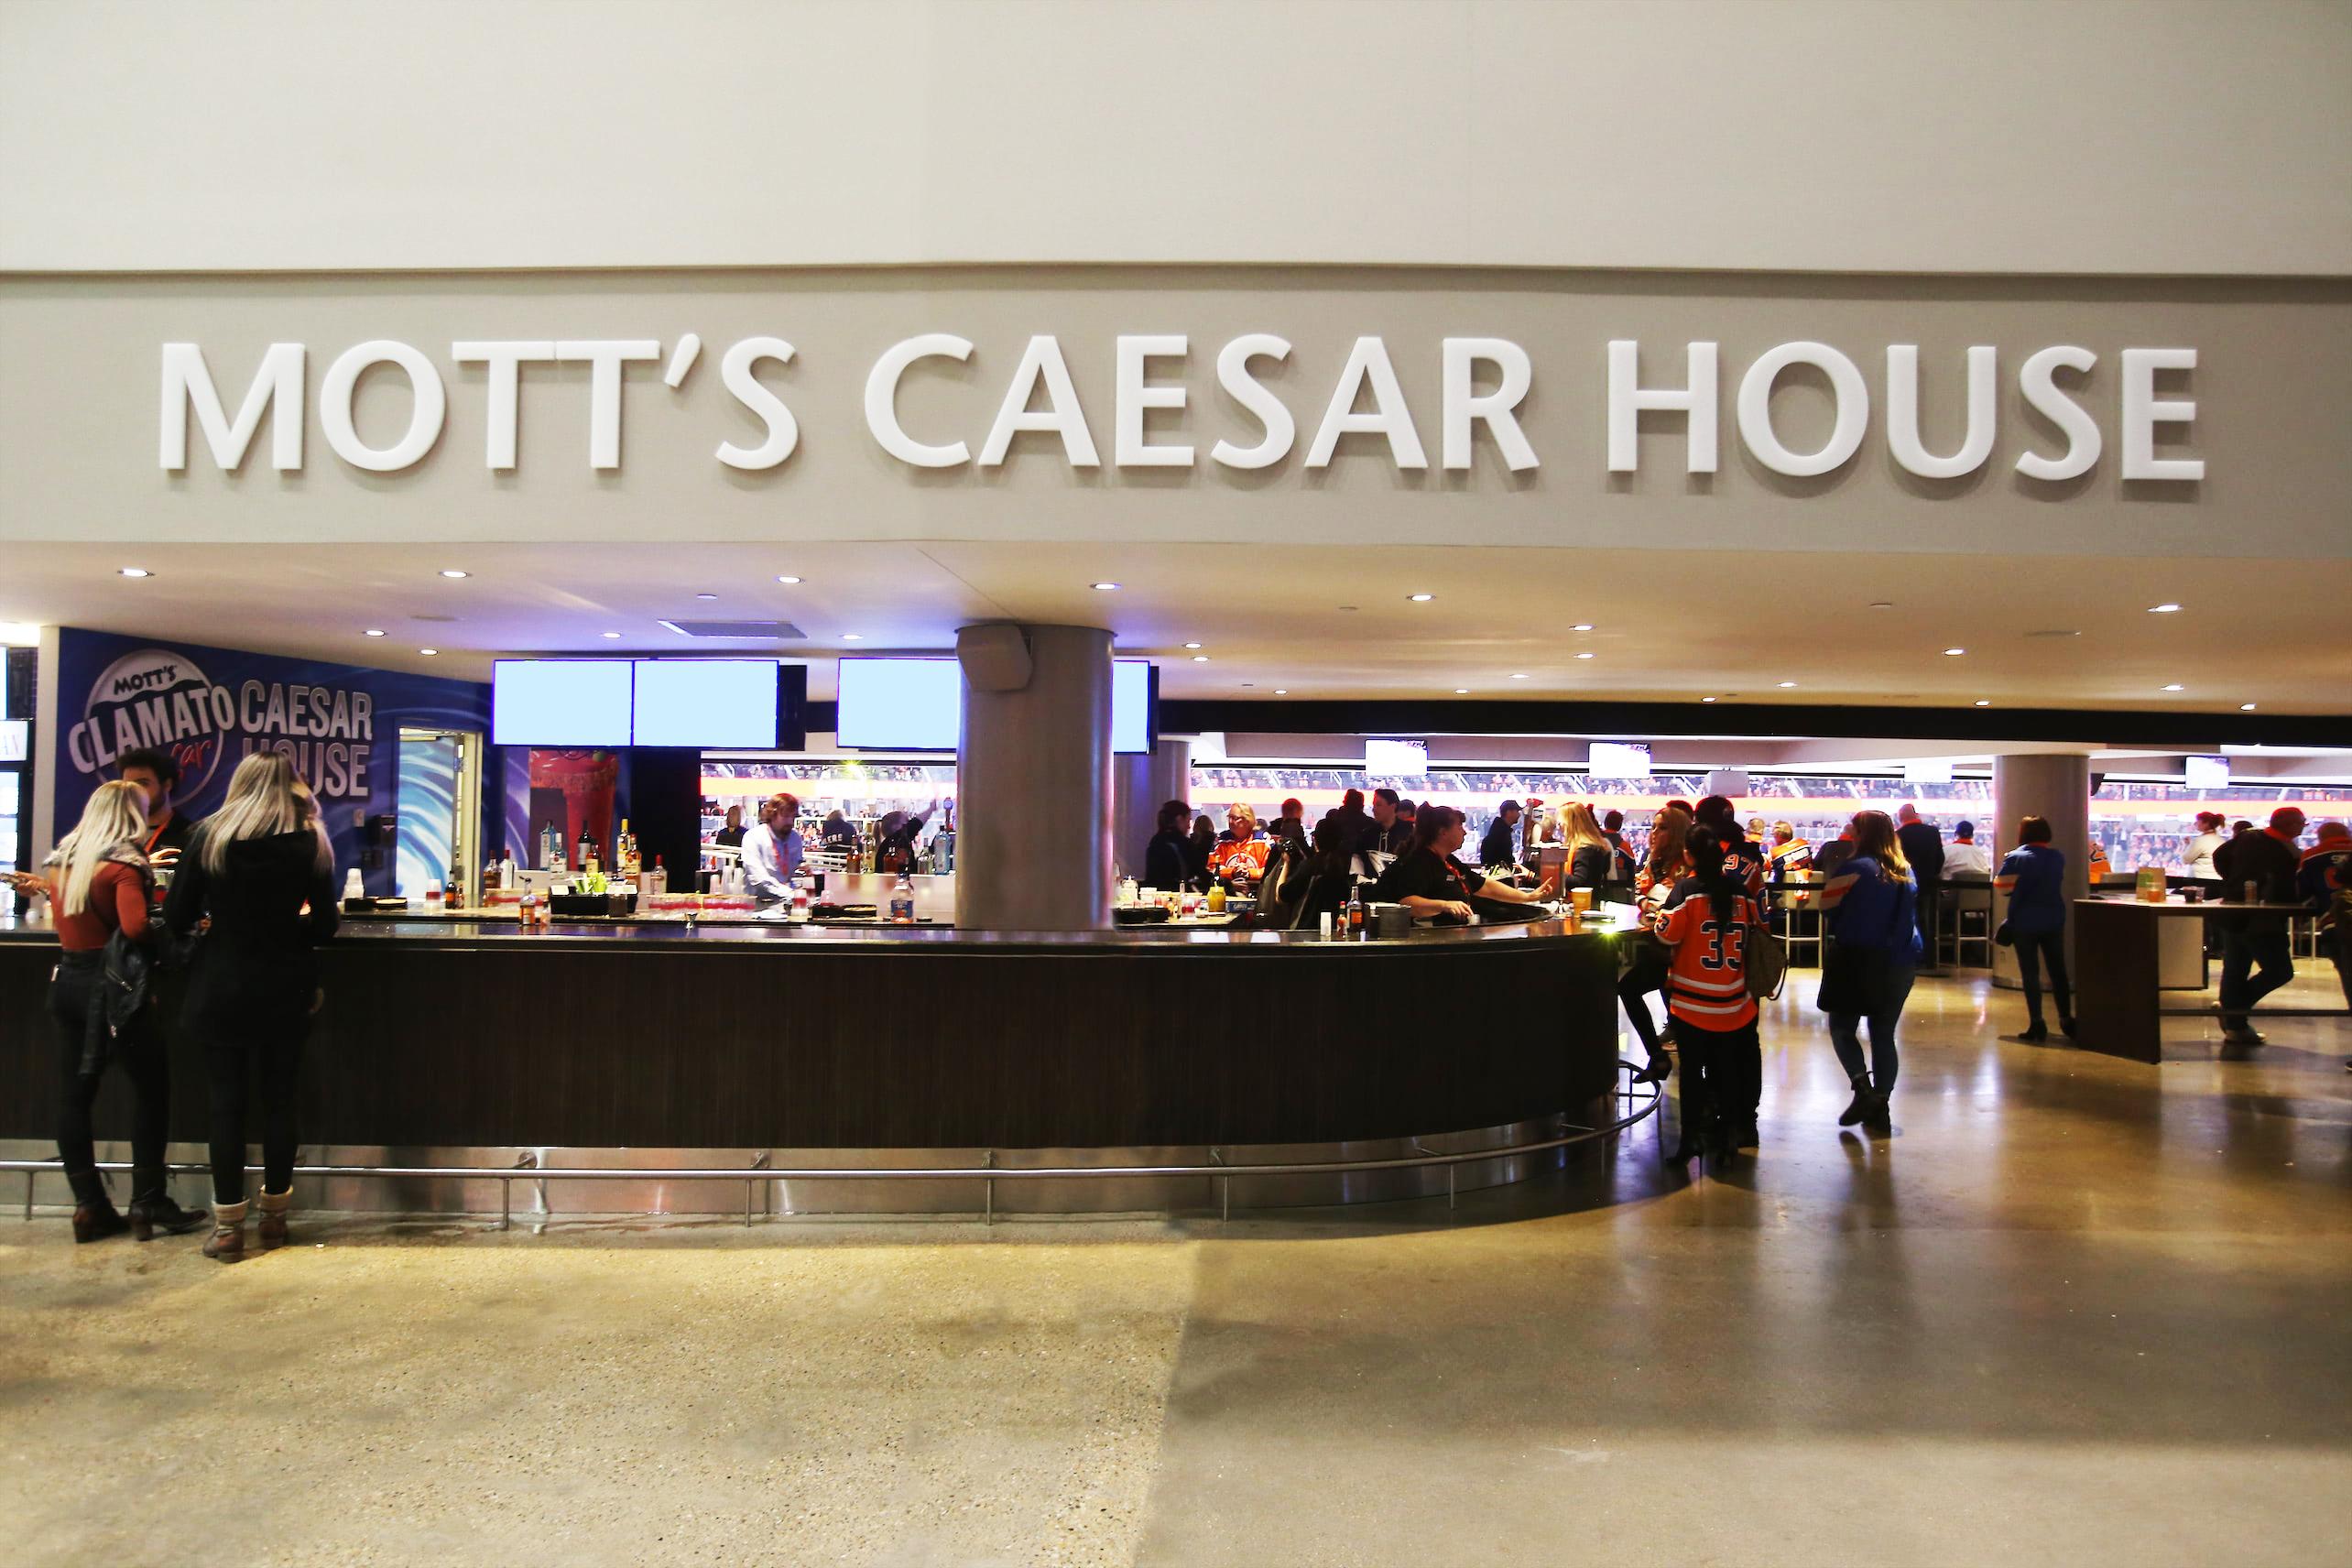 Mott's Caesar House